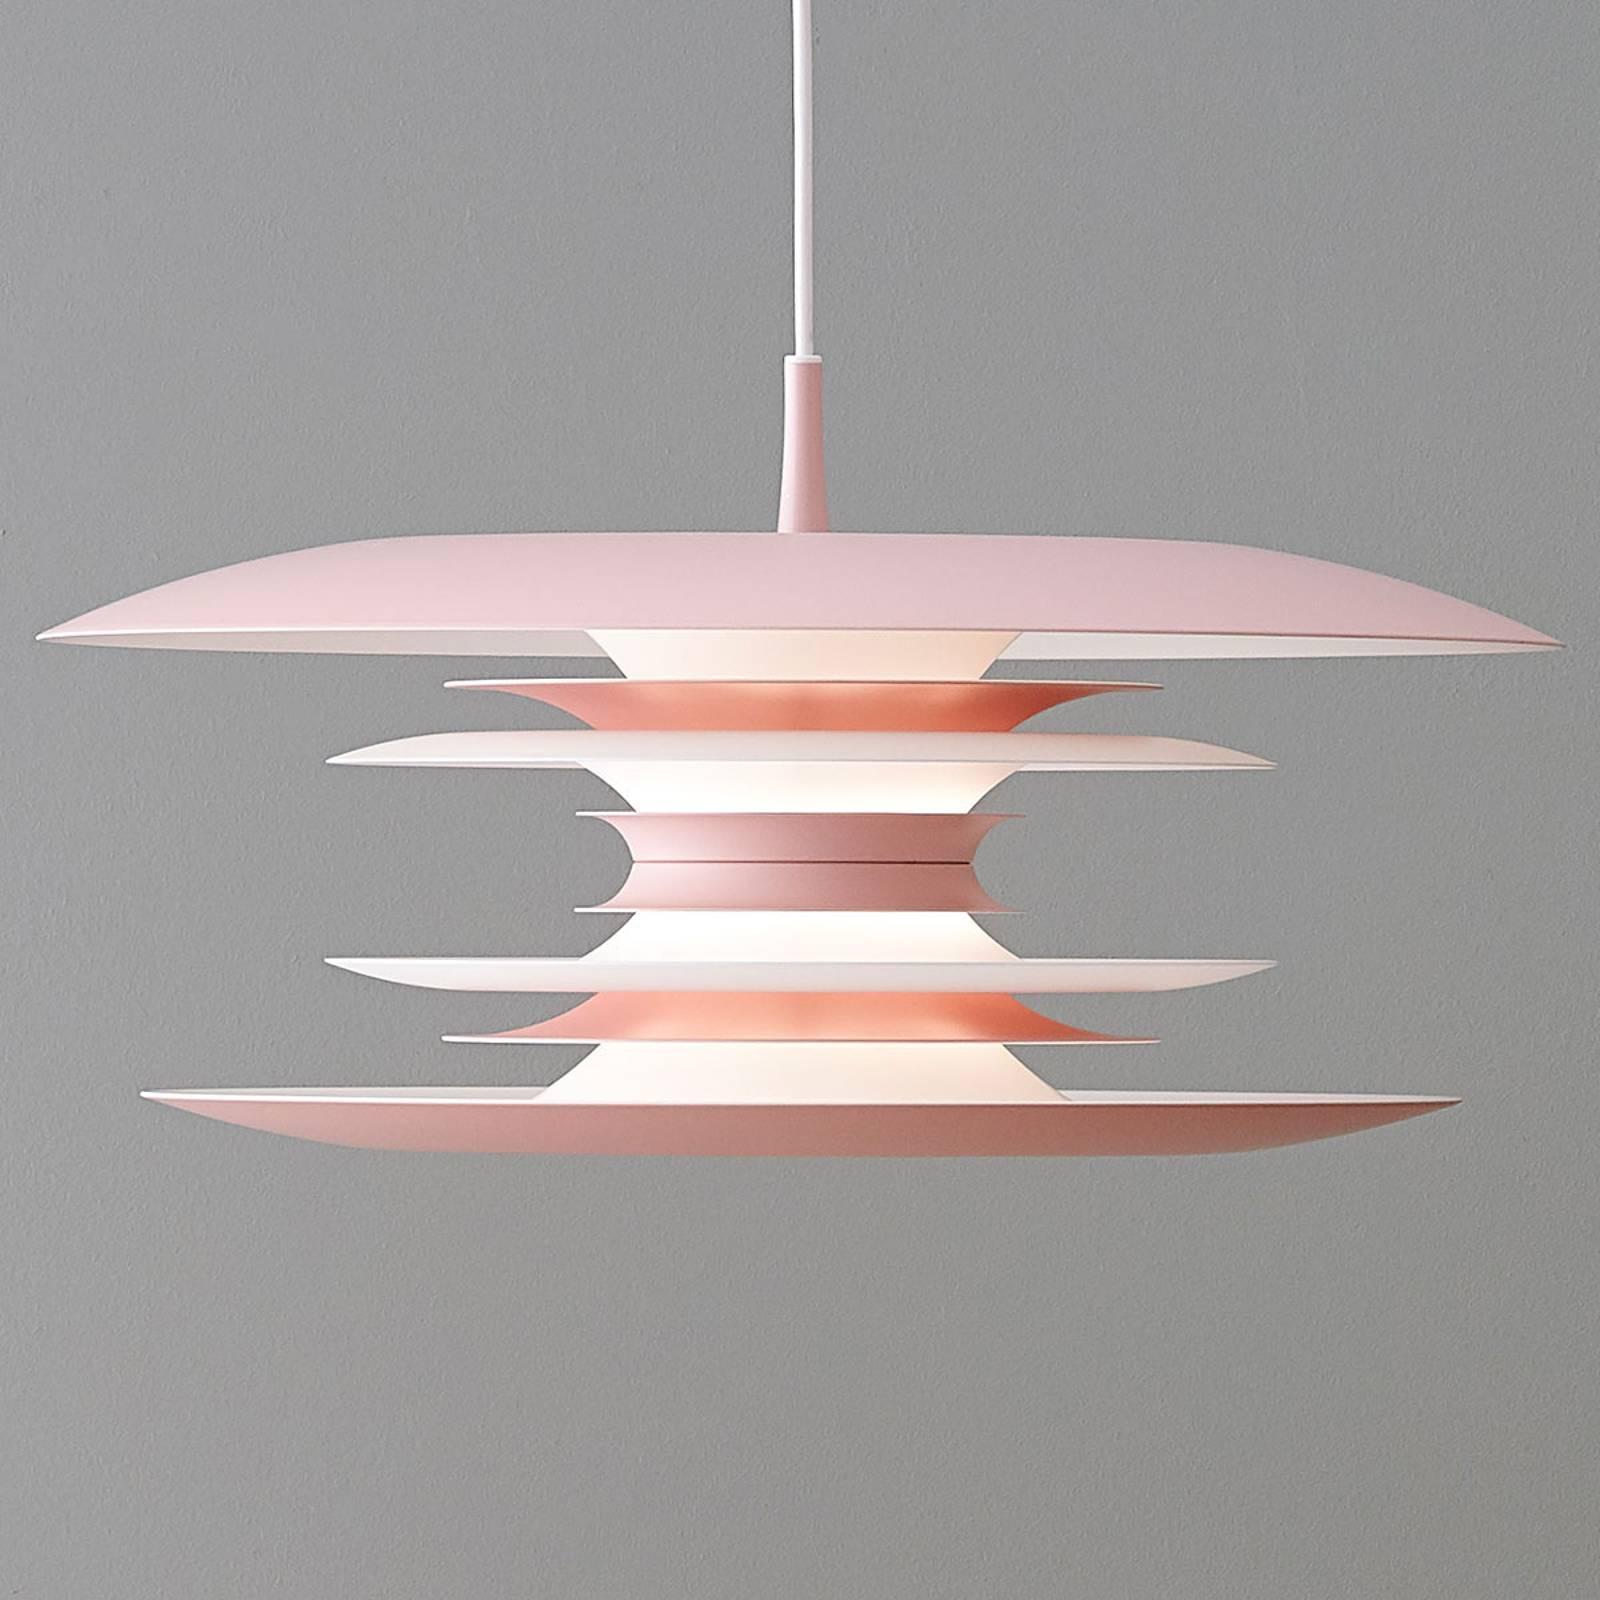 LED-Pendelleuchte Diablo Ø 40 cm hellrosa